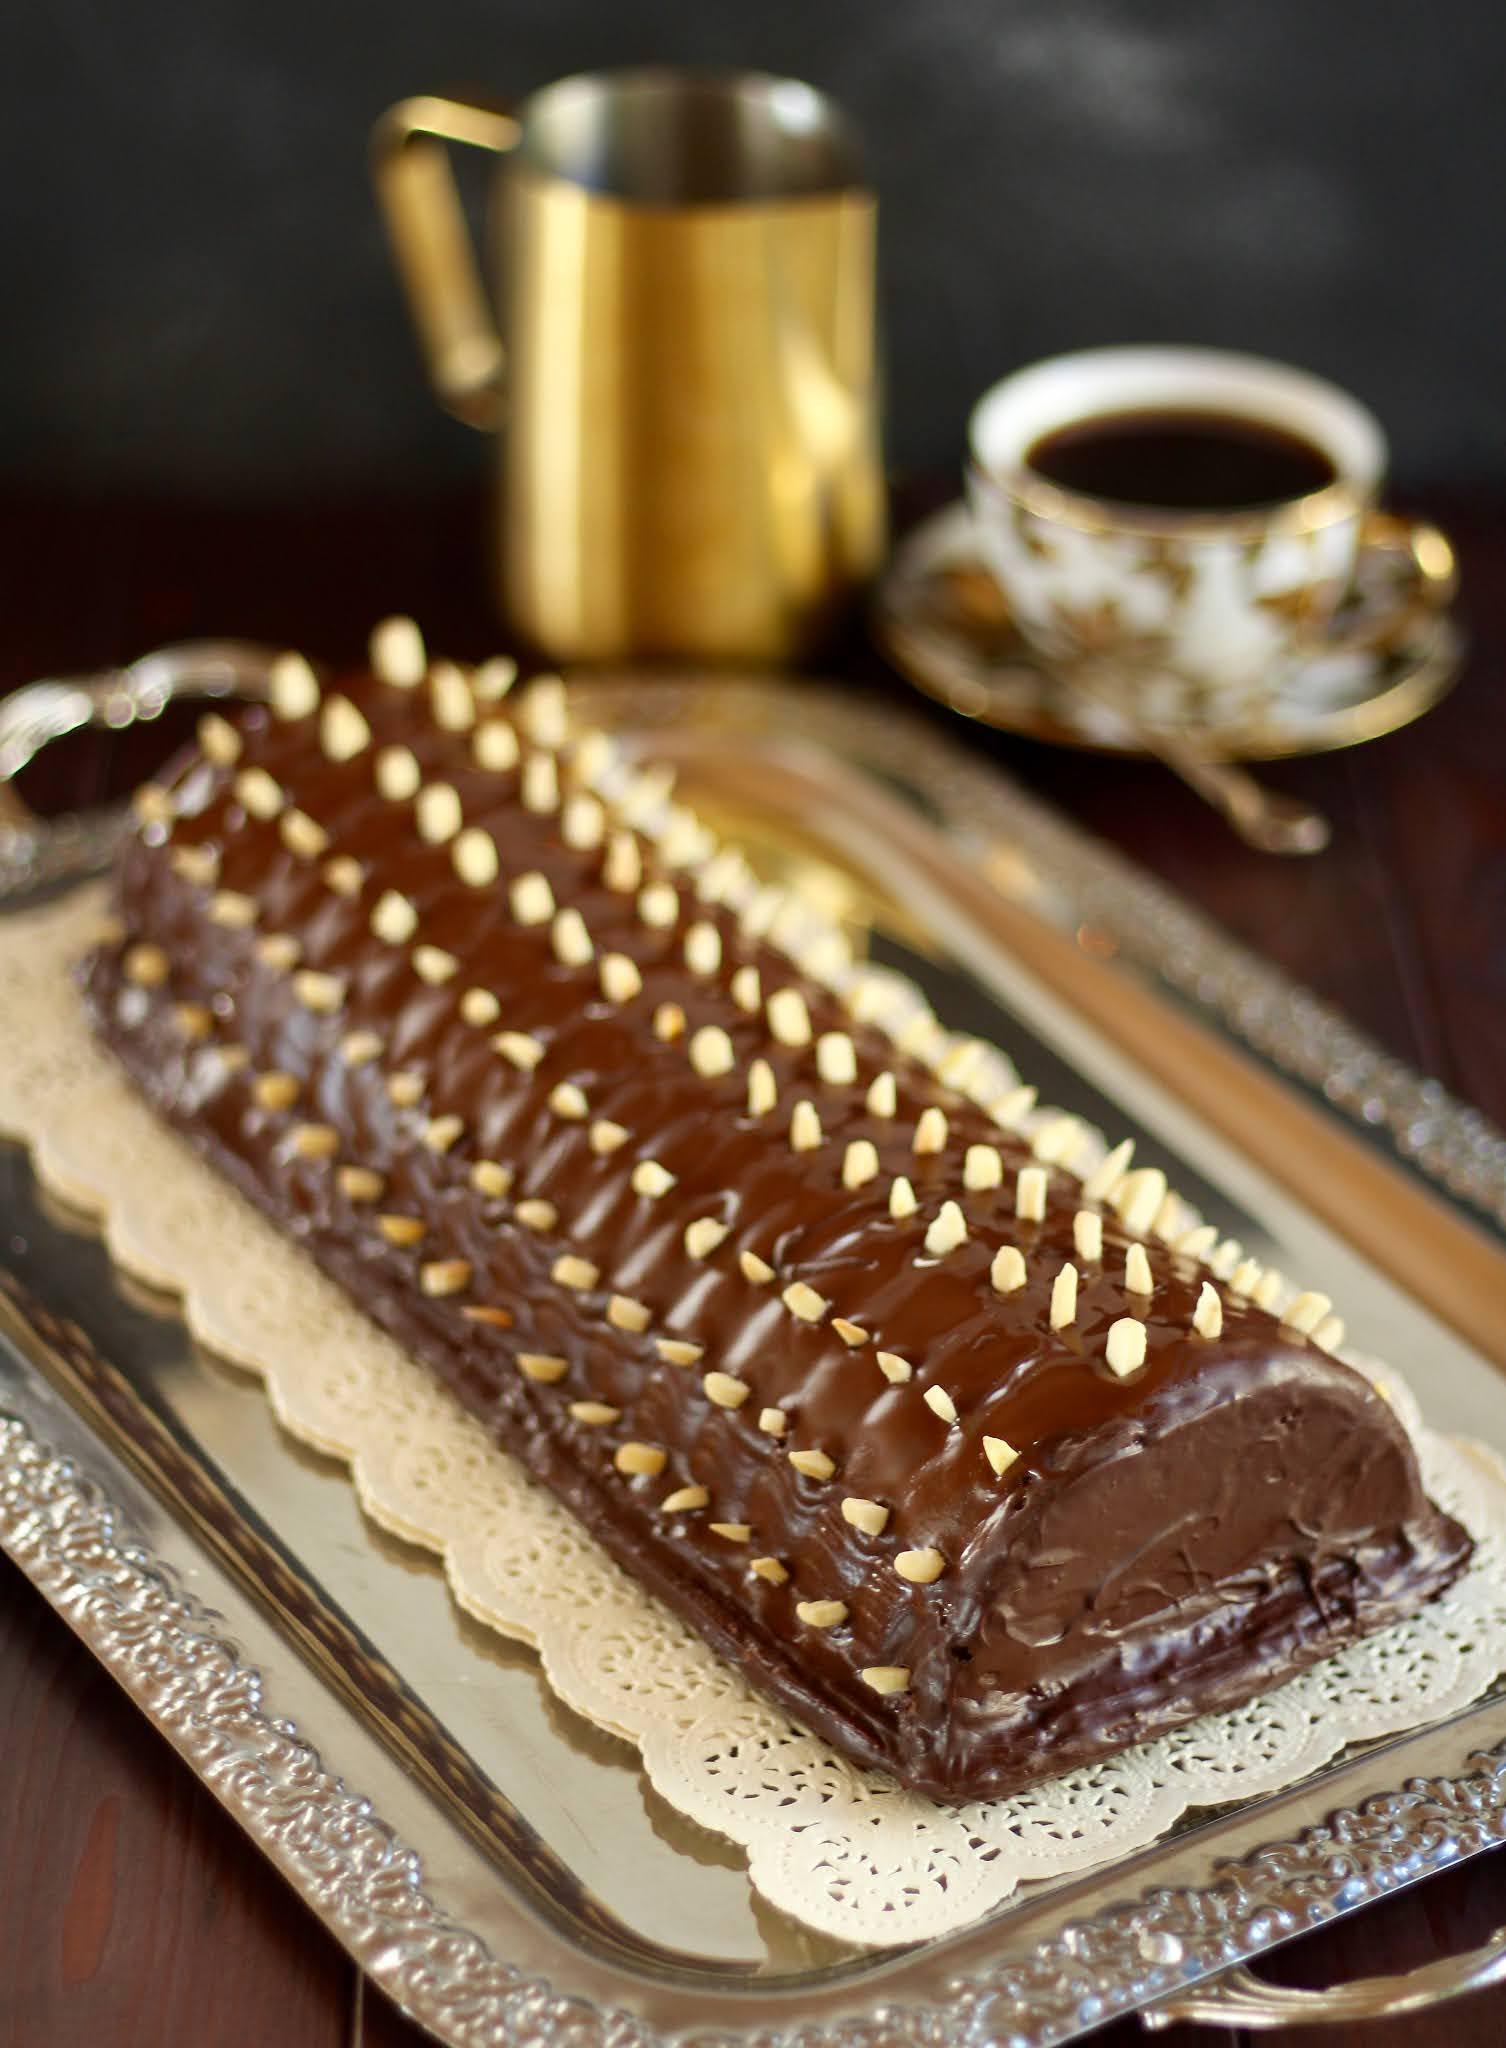 Saftigster Rehrücken Kuchen mit Schokolade und Mandeln | Rezept und Video von Sugarprincess